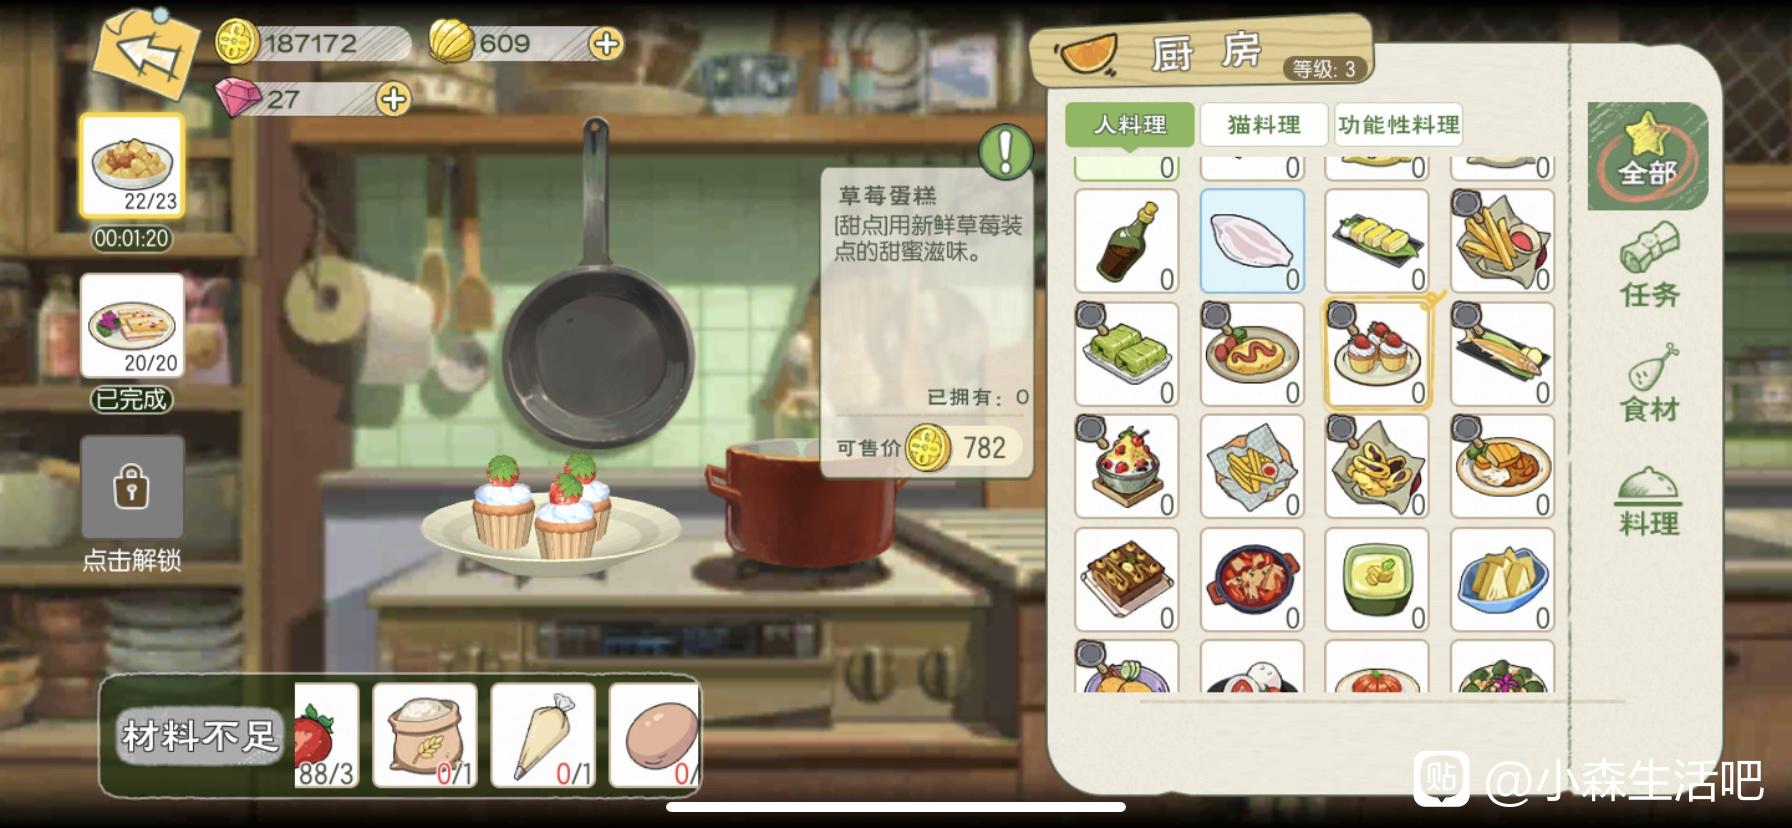 小森生活草莓蛋糕解锁方法及配方一览